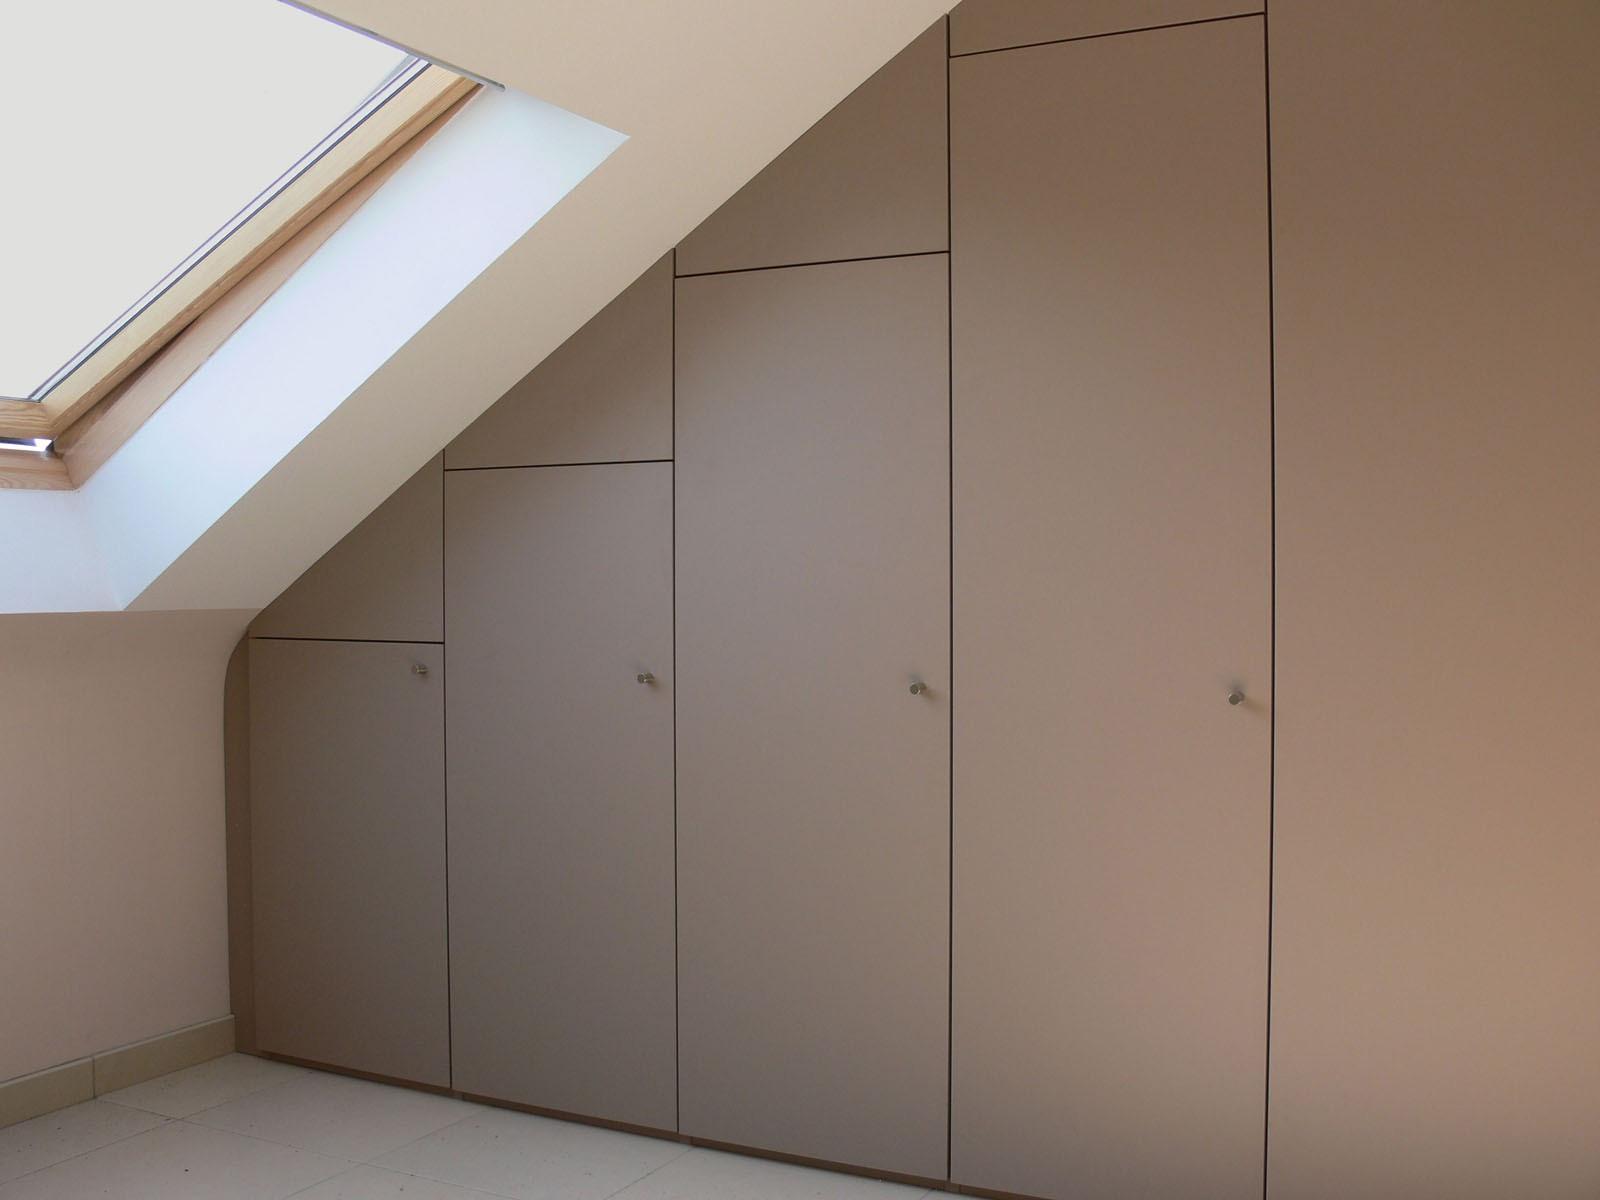 Armoire Sous Pente Sur Mesure armoire sur mesure à portes pivotantes sous un toit en pente